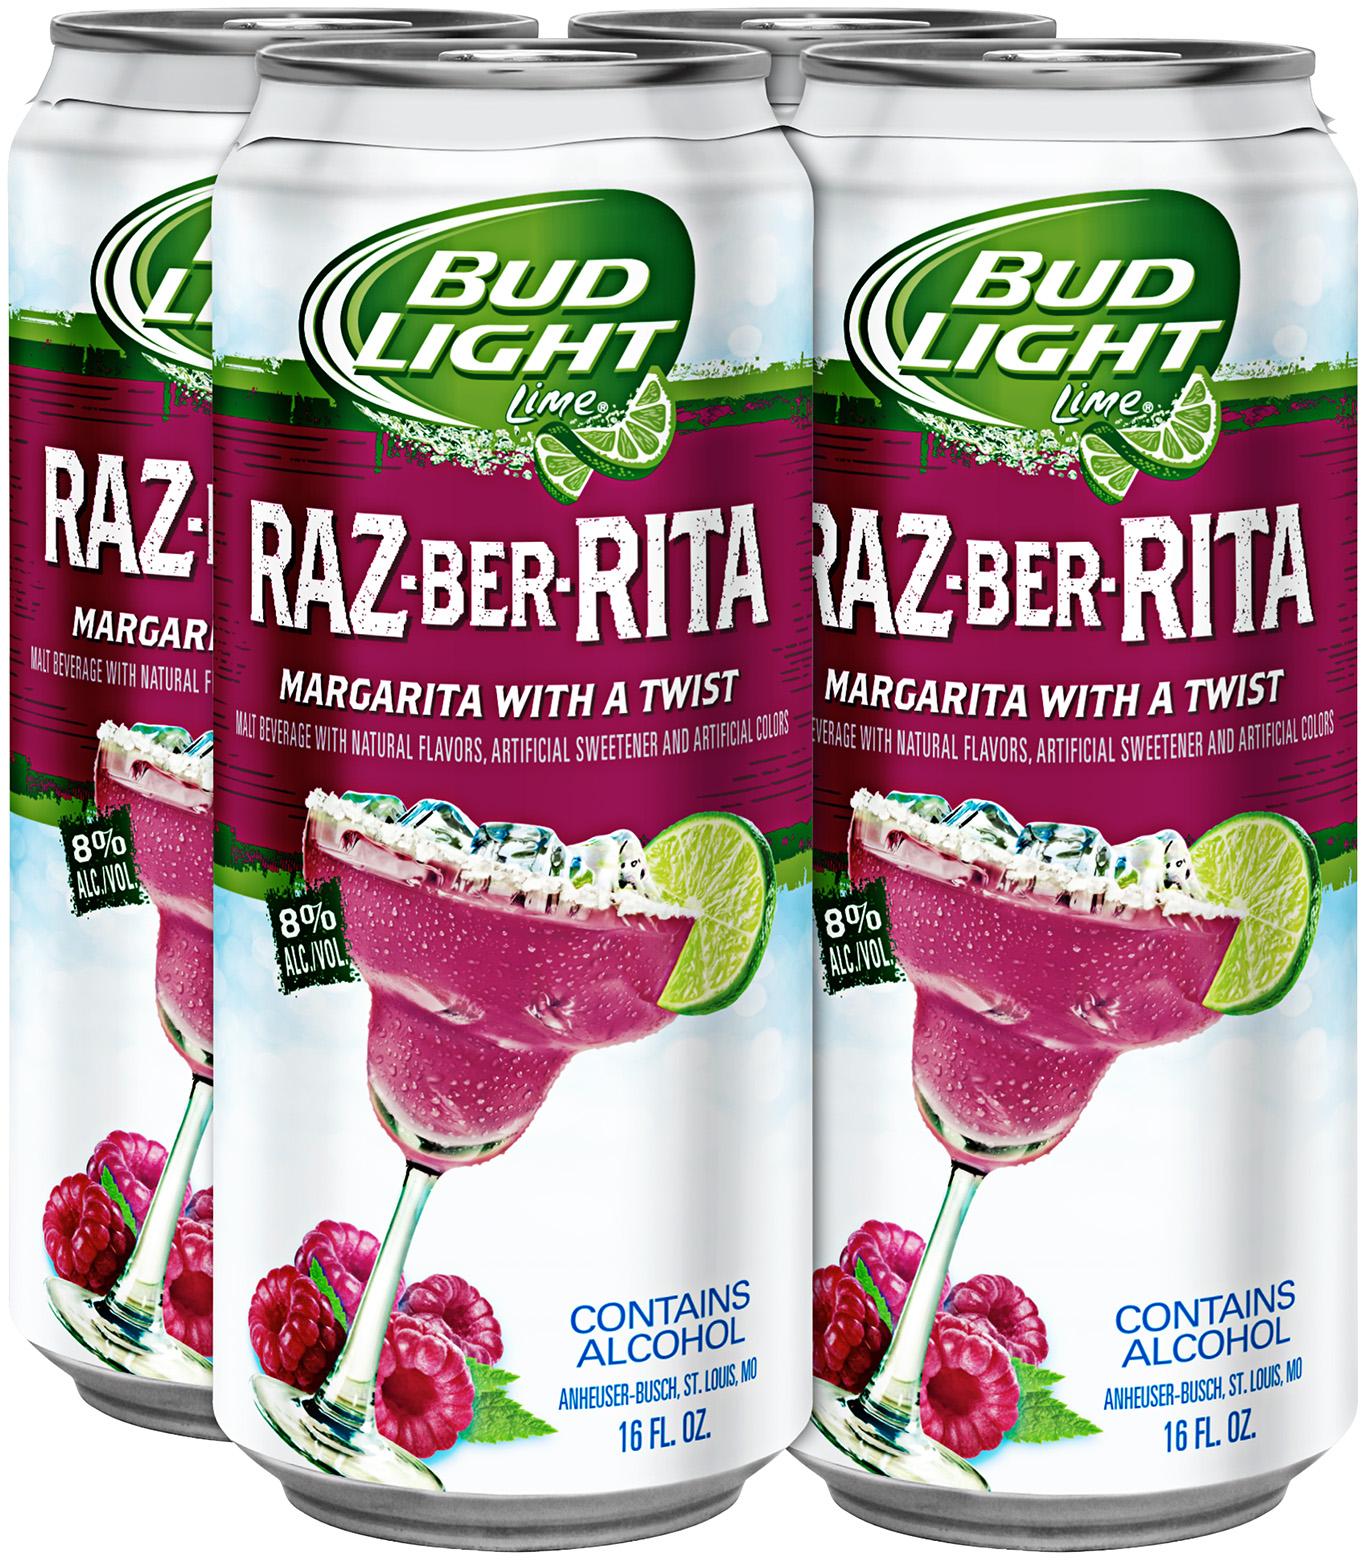 Bud Light Lime Raz-Ber-Rita